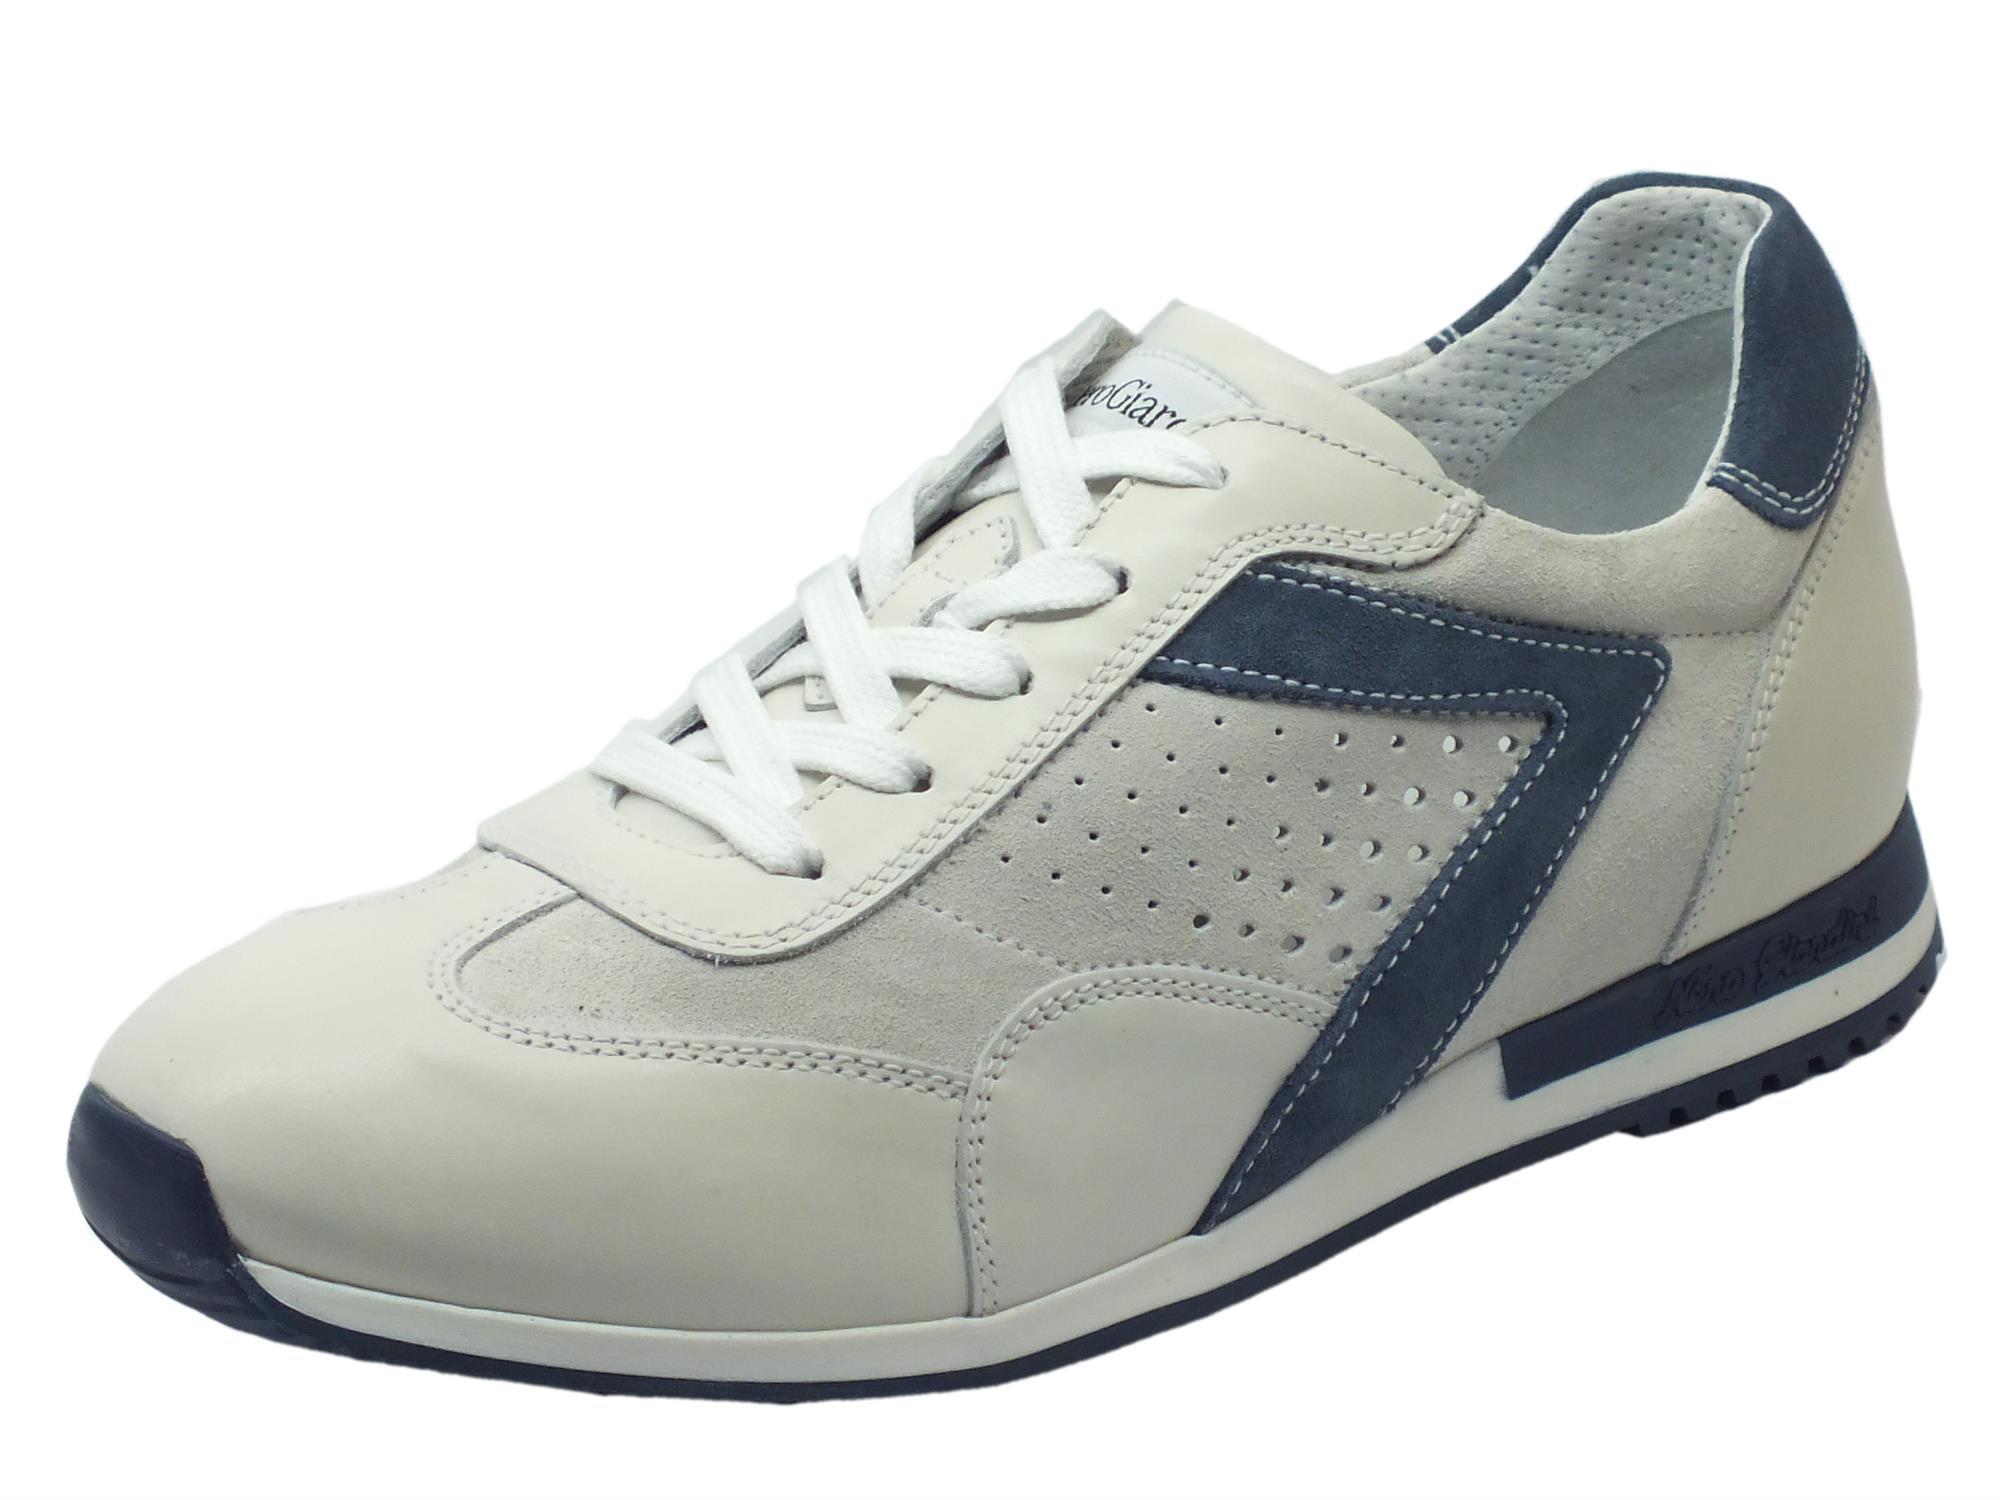 Scarpe sportive NeroGiardini uomo pelle camoscio bianco - Vitiello ... ae695b11902